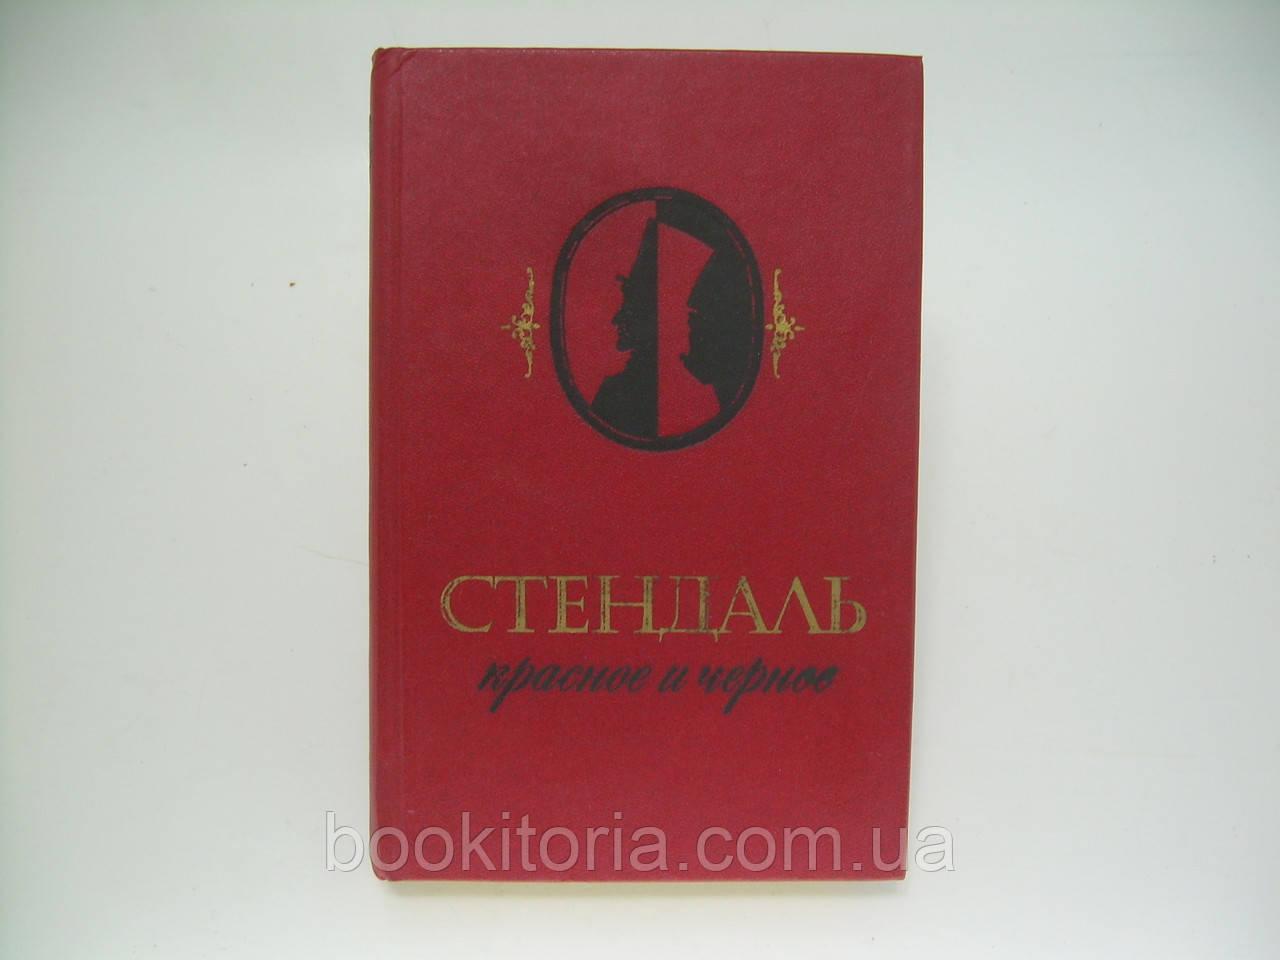 Стендаль. Красное и черное. Хроника XIX века (роман в двух частях) (б/у).